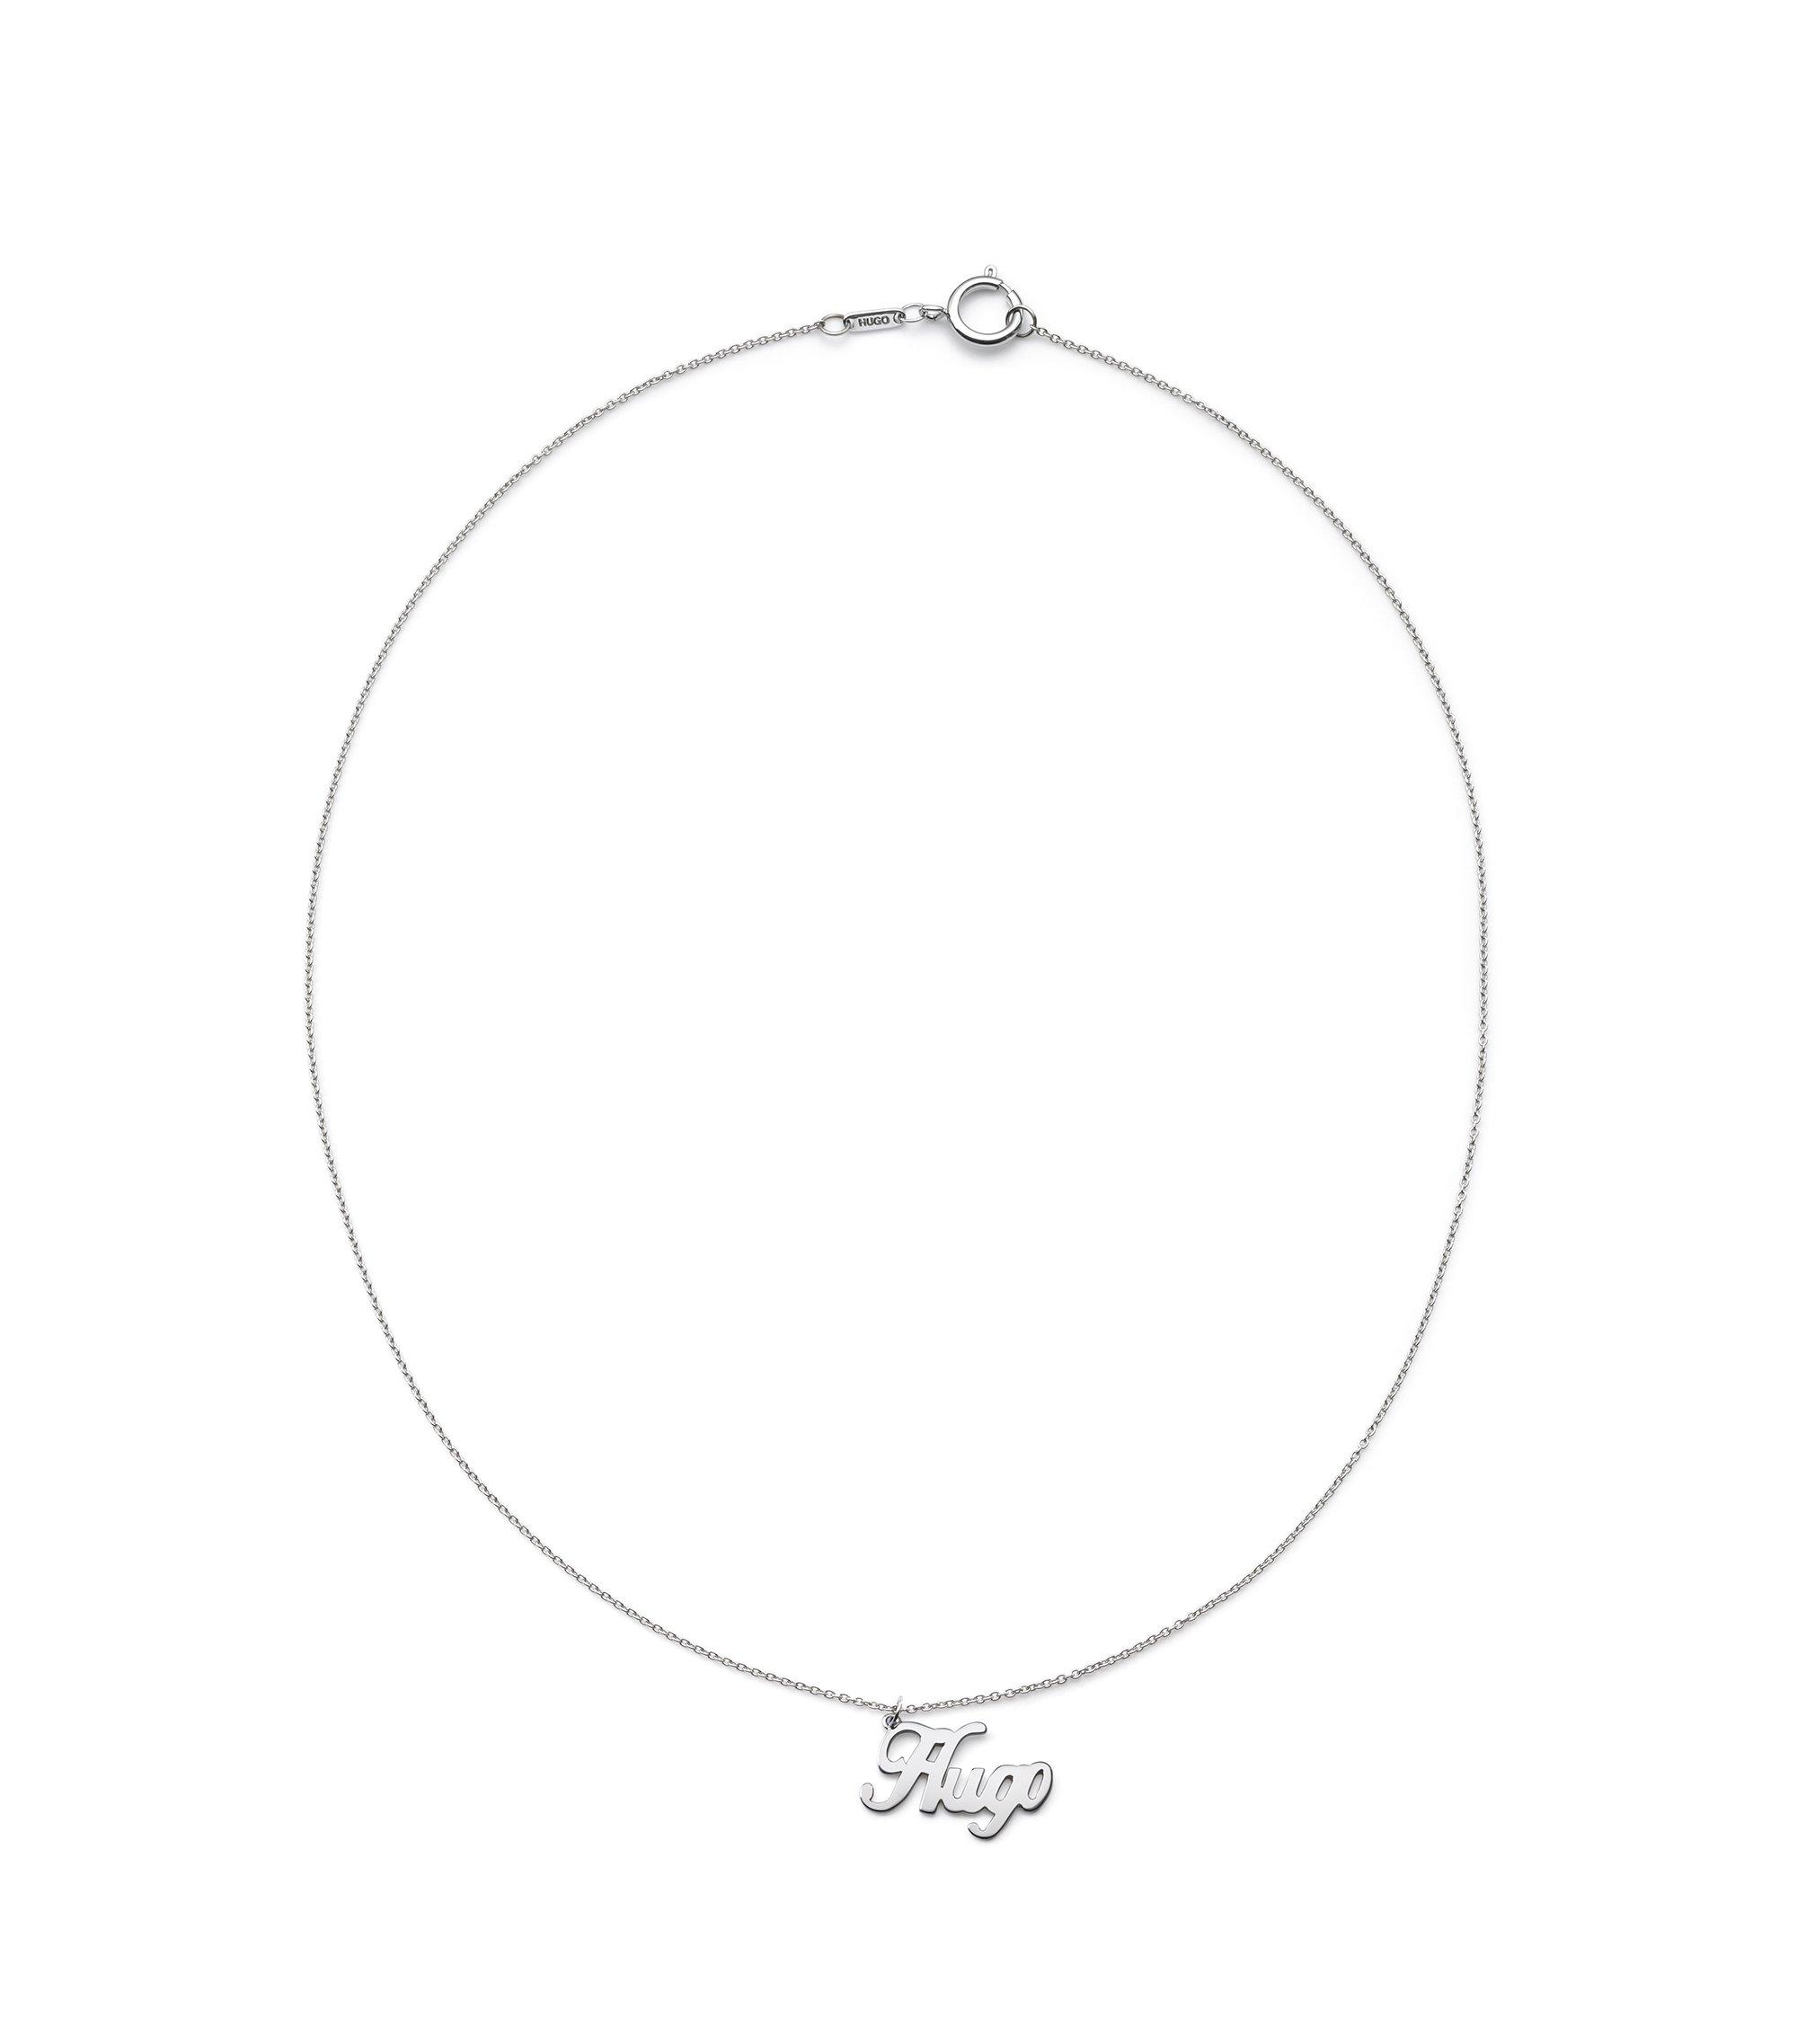 Halskette aus glänzend poliertem Edelstahl mit Logo-Anhänger, Silber